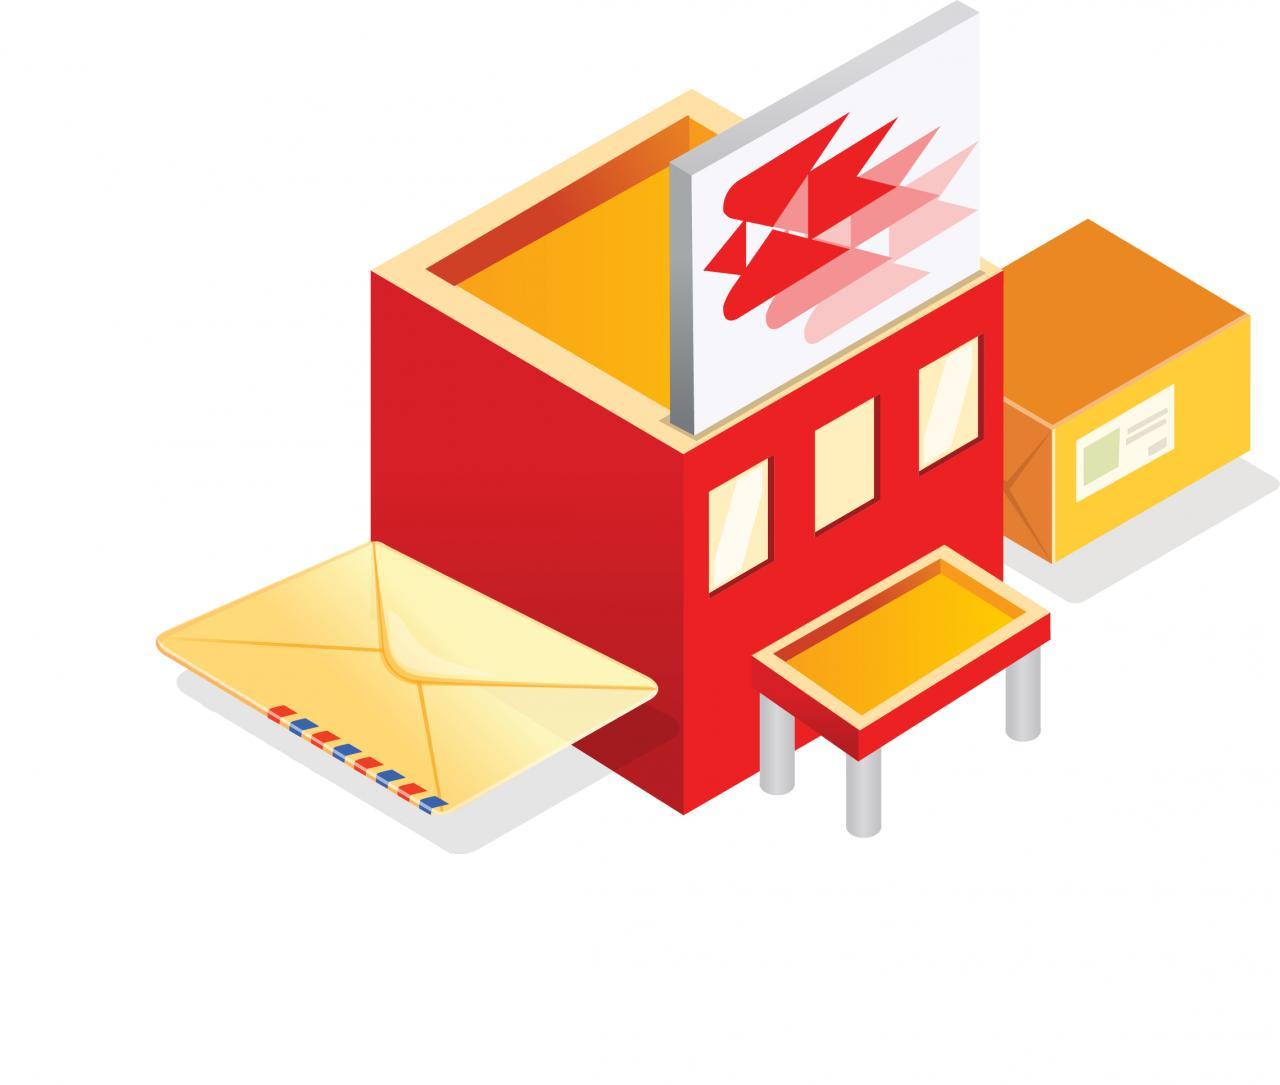 『教程』使用 mailcow: dockerized 搭建一个满分的自有邮箱服务 教程分享 第1张